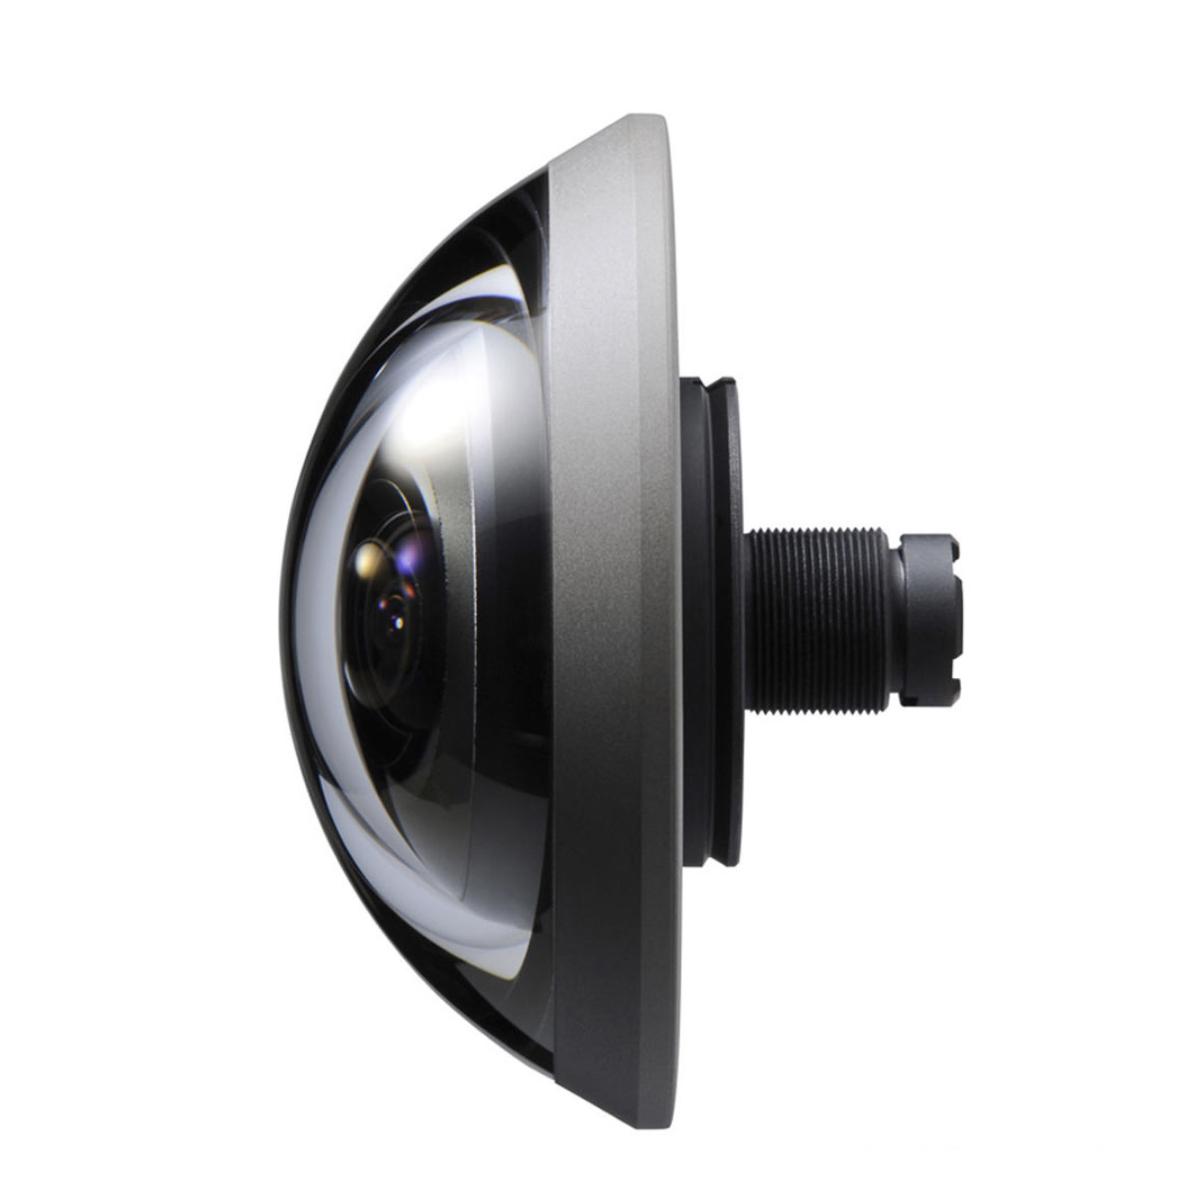 Entaniya 280 M12 4K lens image